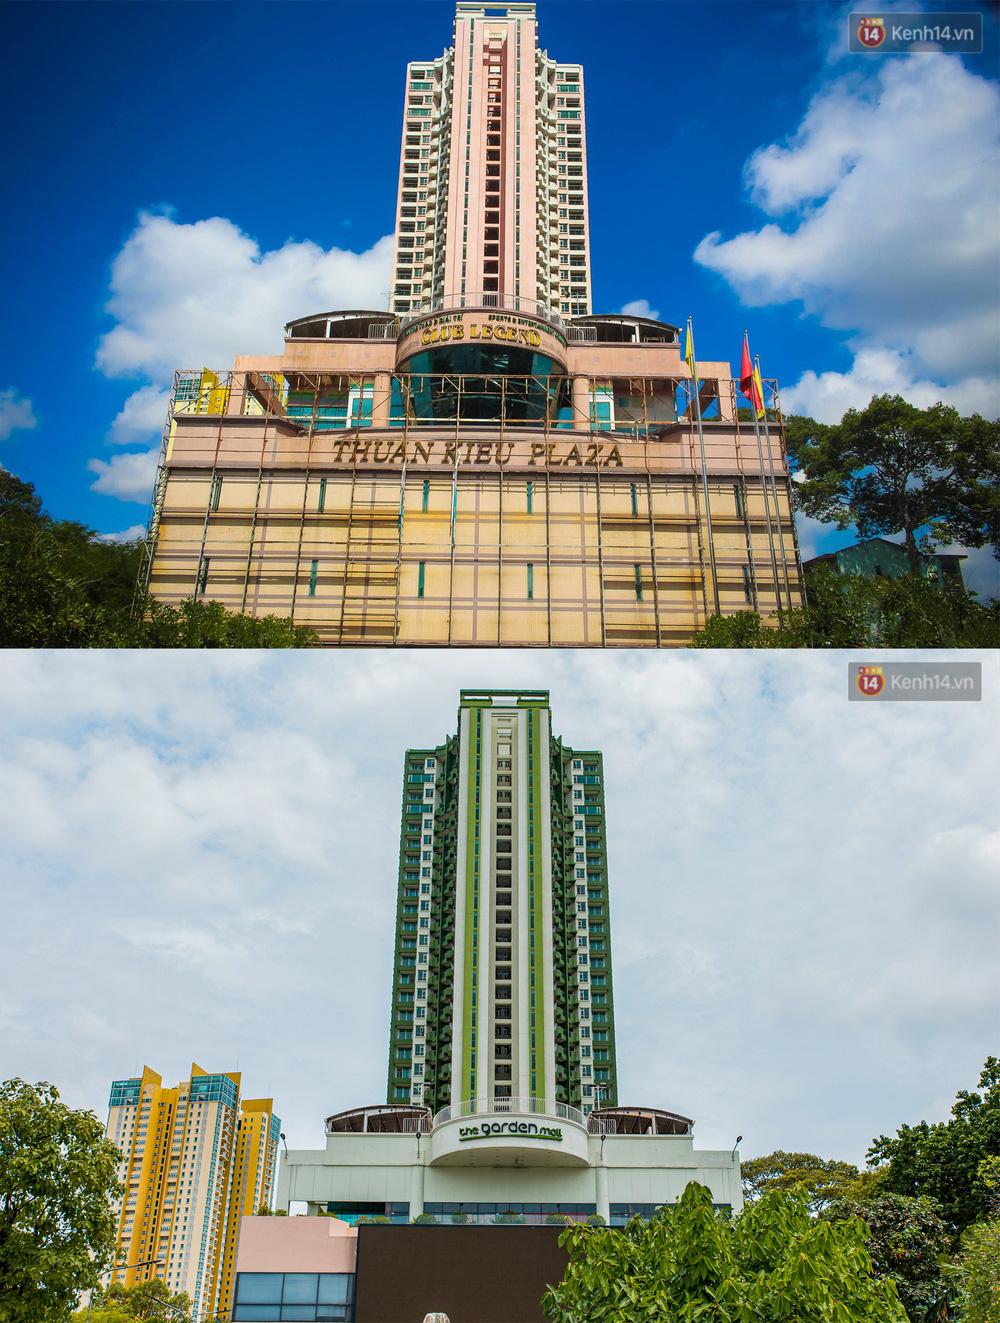 Ảnh: Cận cảnh toà nhà Thuận Kiều Plaza, nơi chuẩn bị được trưng dụng làm bệnh viện dã chiến điều trị COVID-19 - Ảnh 20.